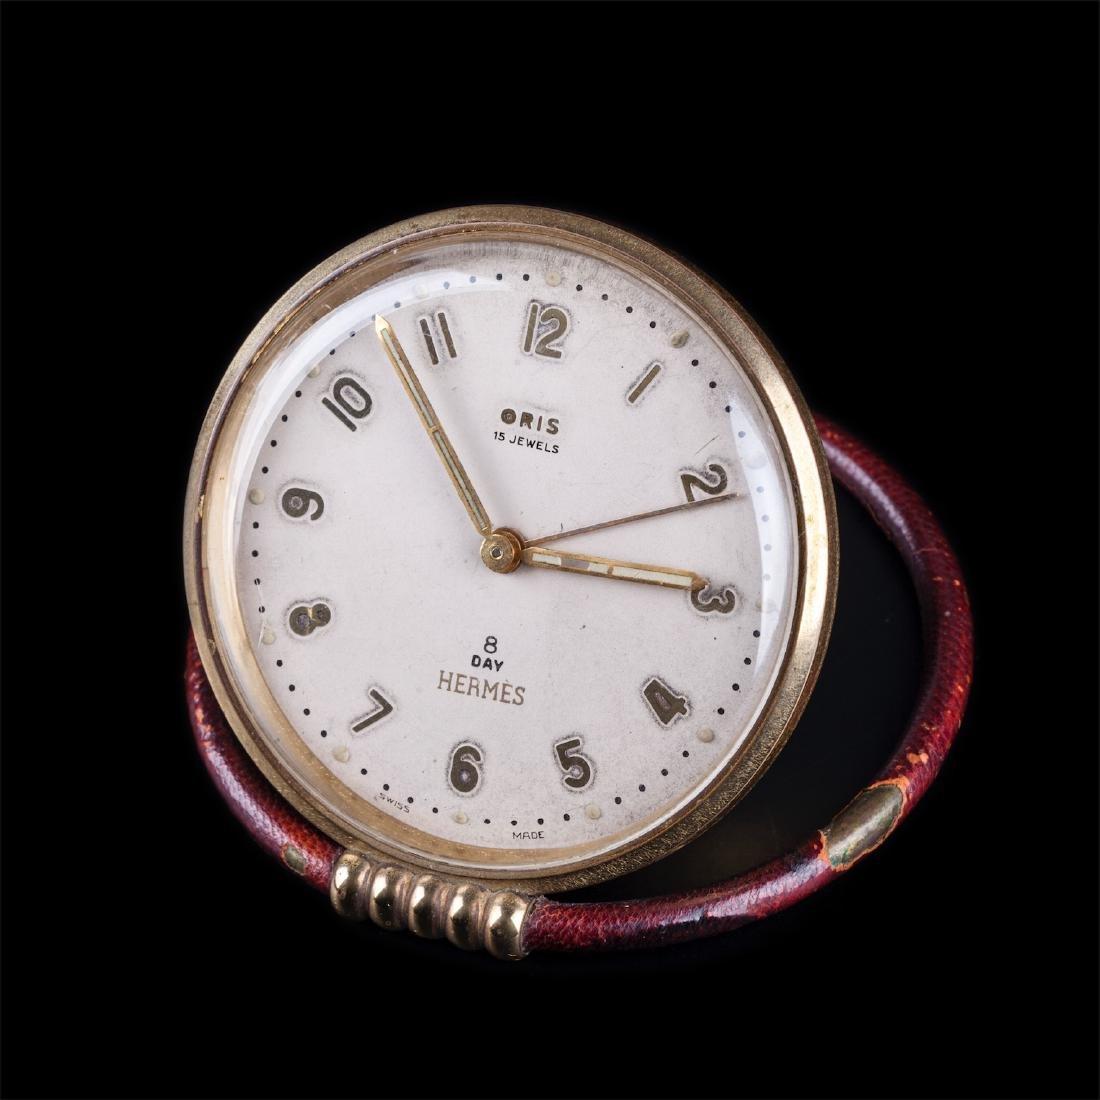 Vintage Hermes desk clock with alarm